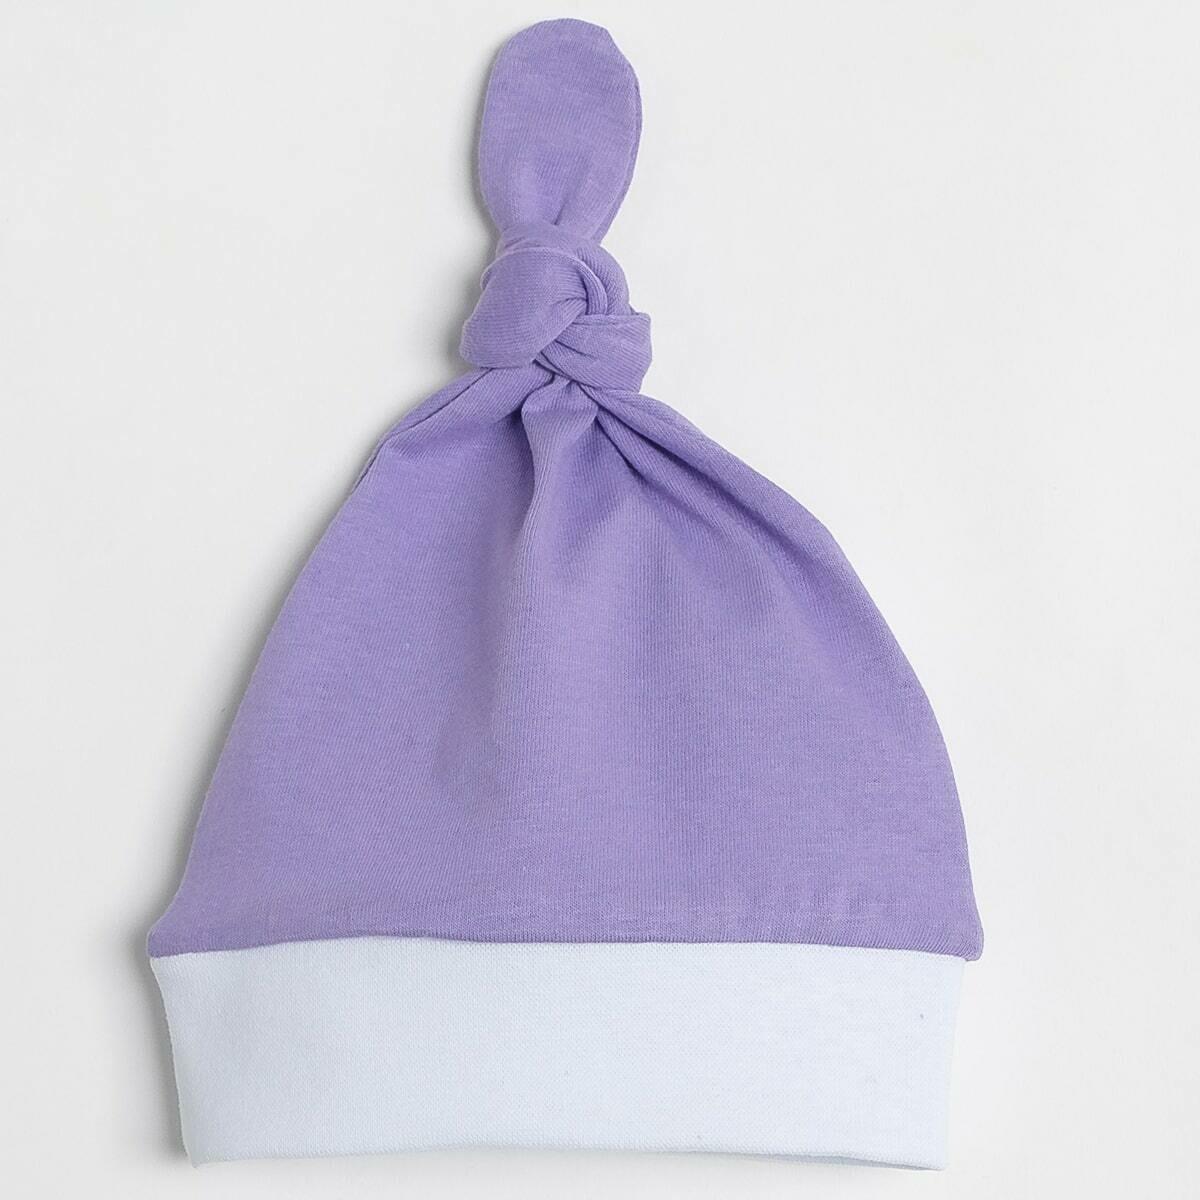 Шапочка с узелком, тонкий трикотаж, фиолетовый